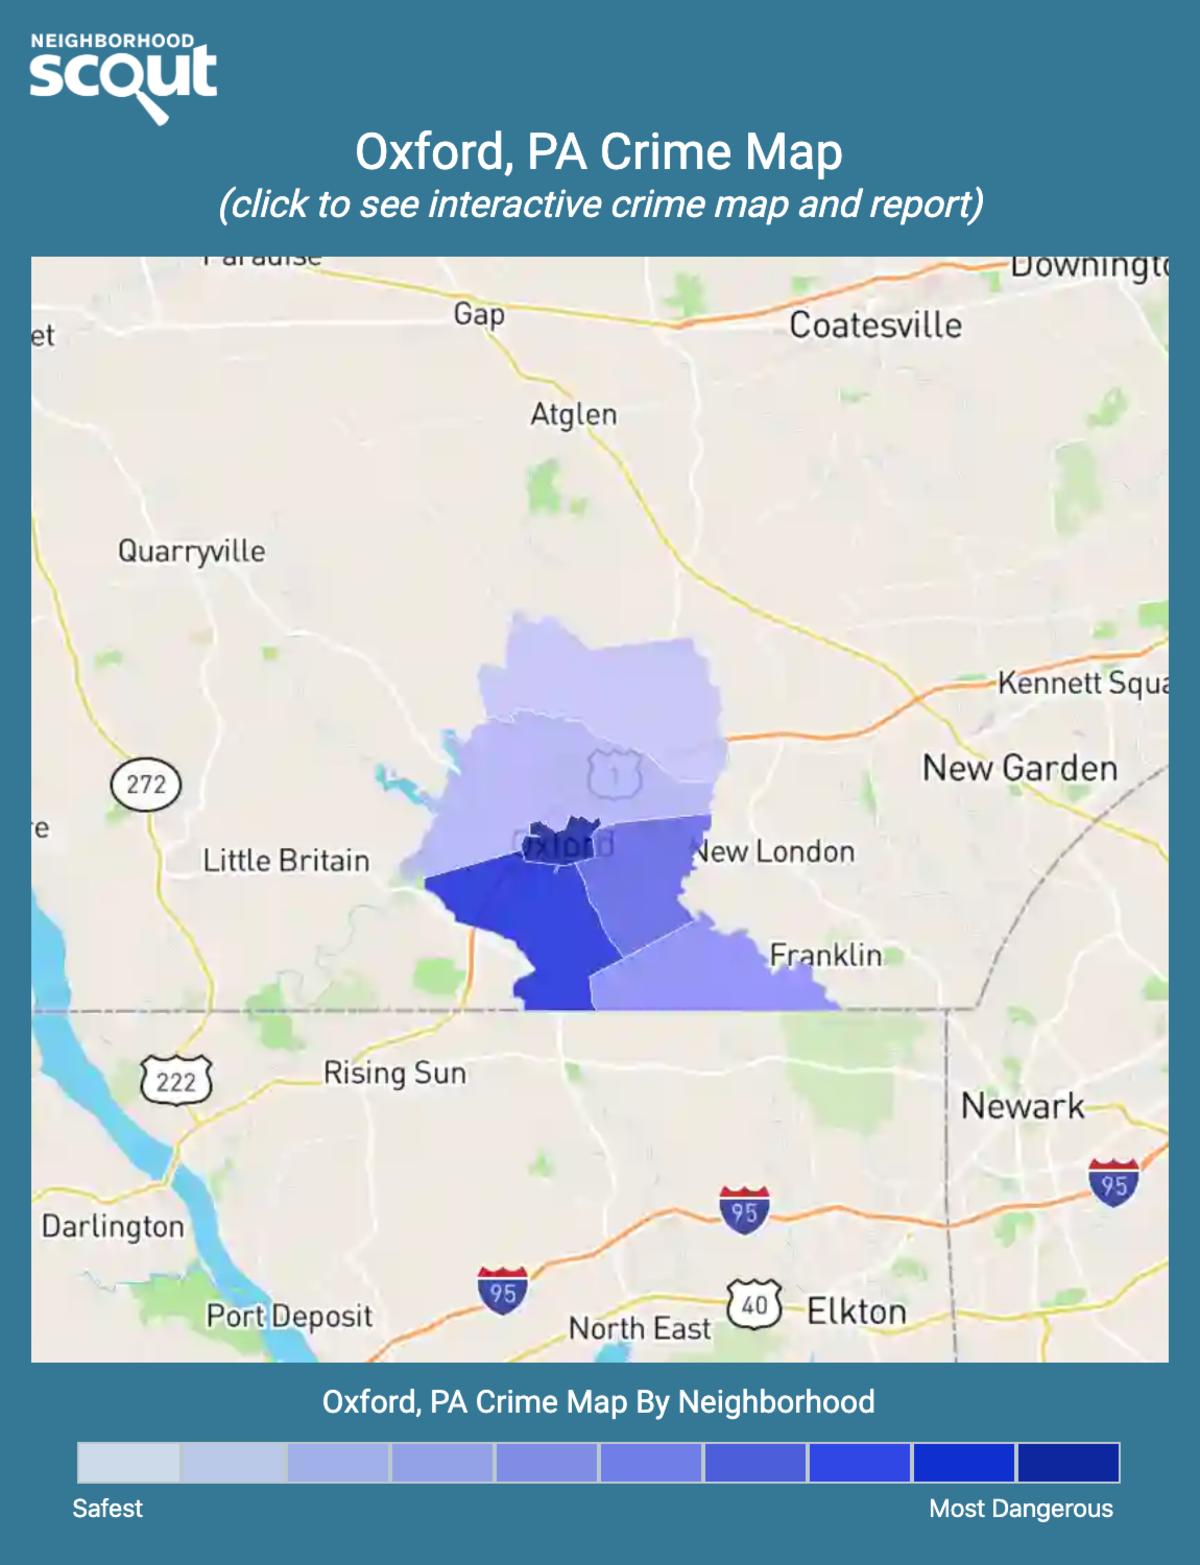 Oxford, Pennsylvania crime map